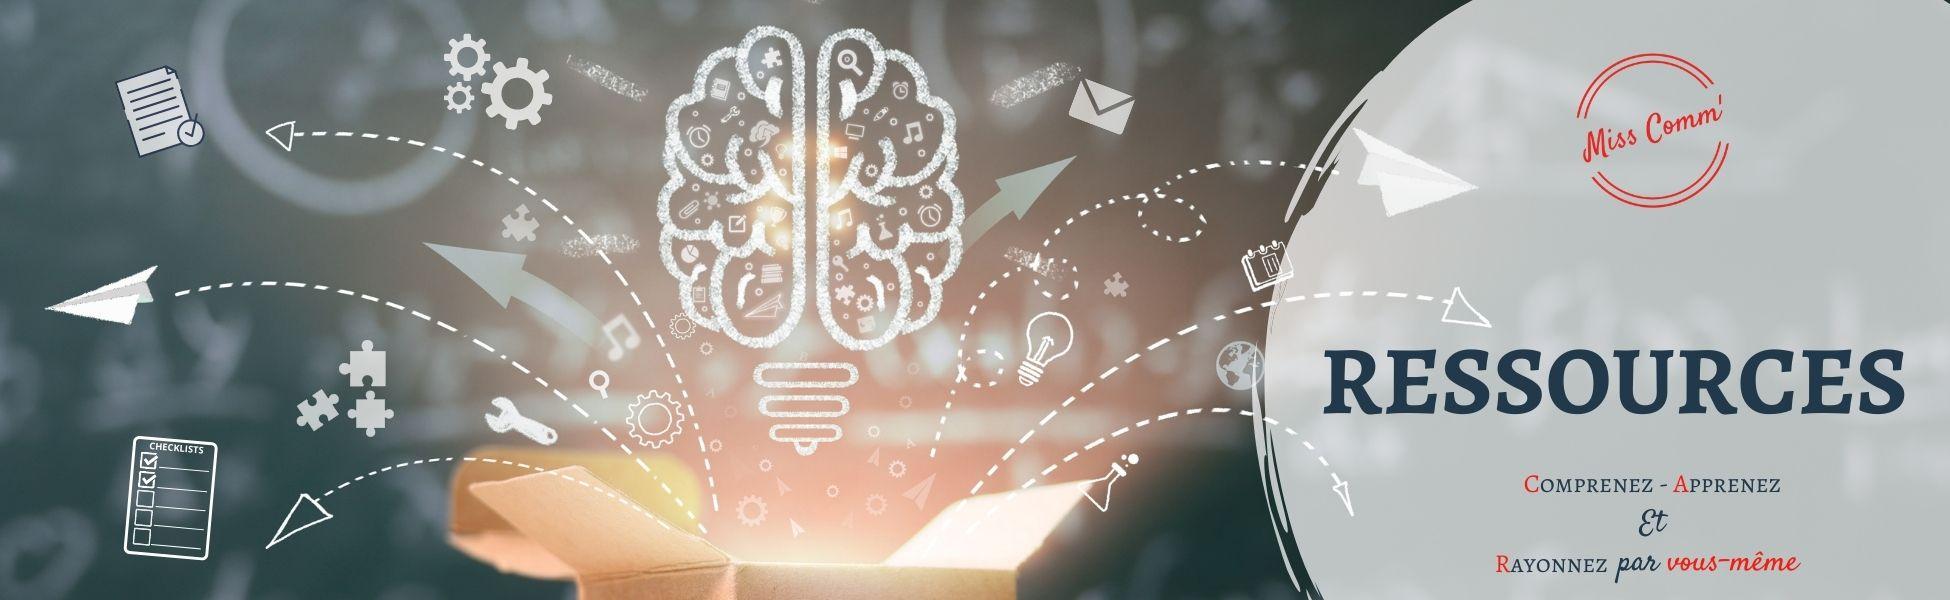 Des ressources gratuites - pour entrepreneurs, TPE & PME en communication marketing